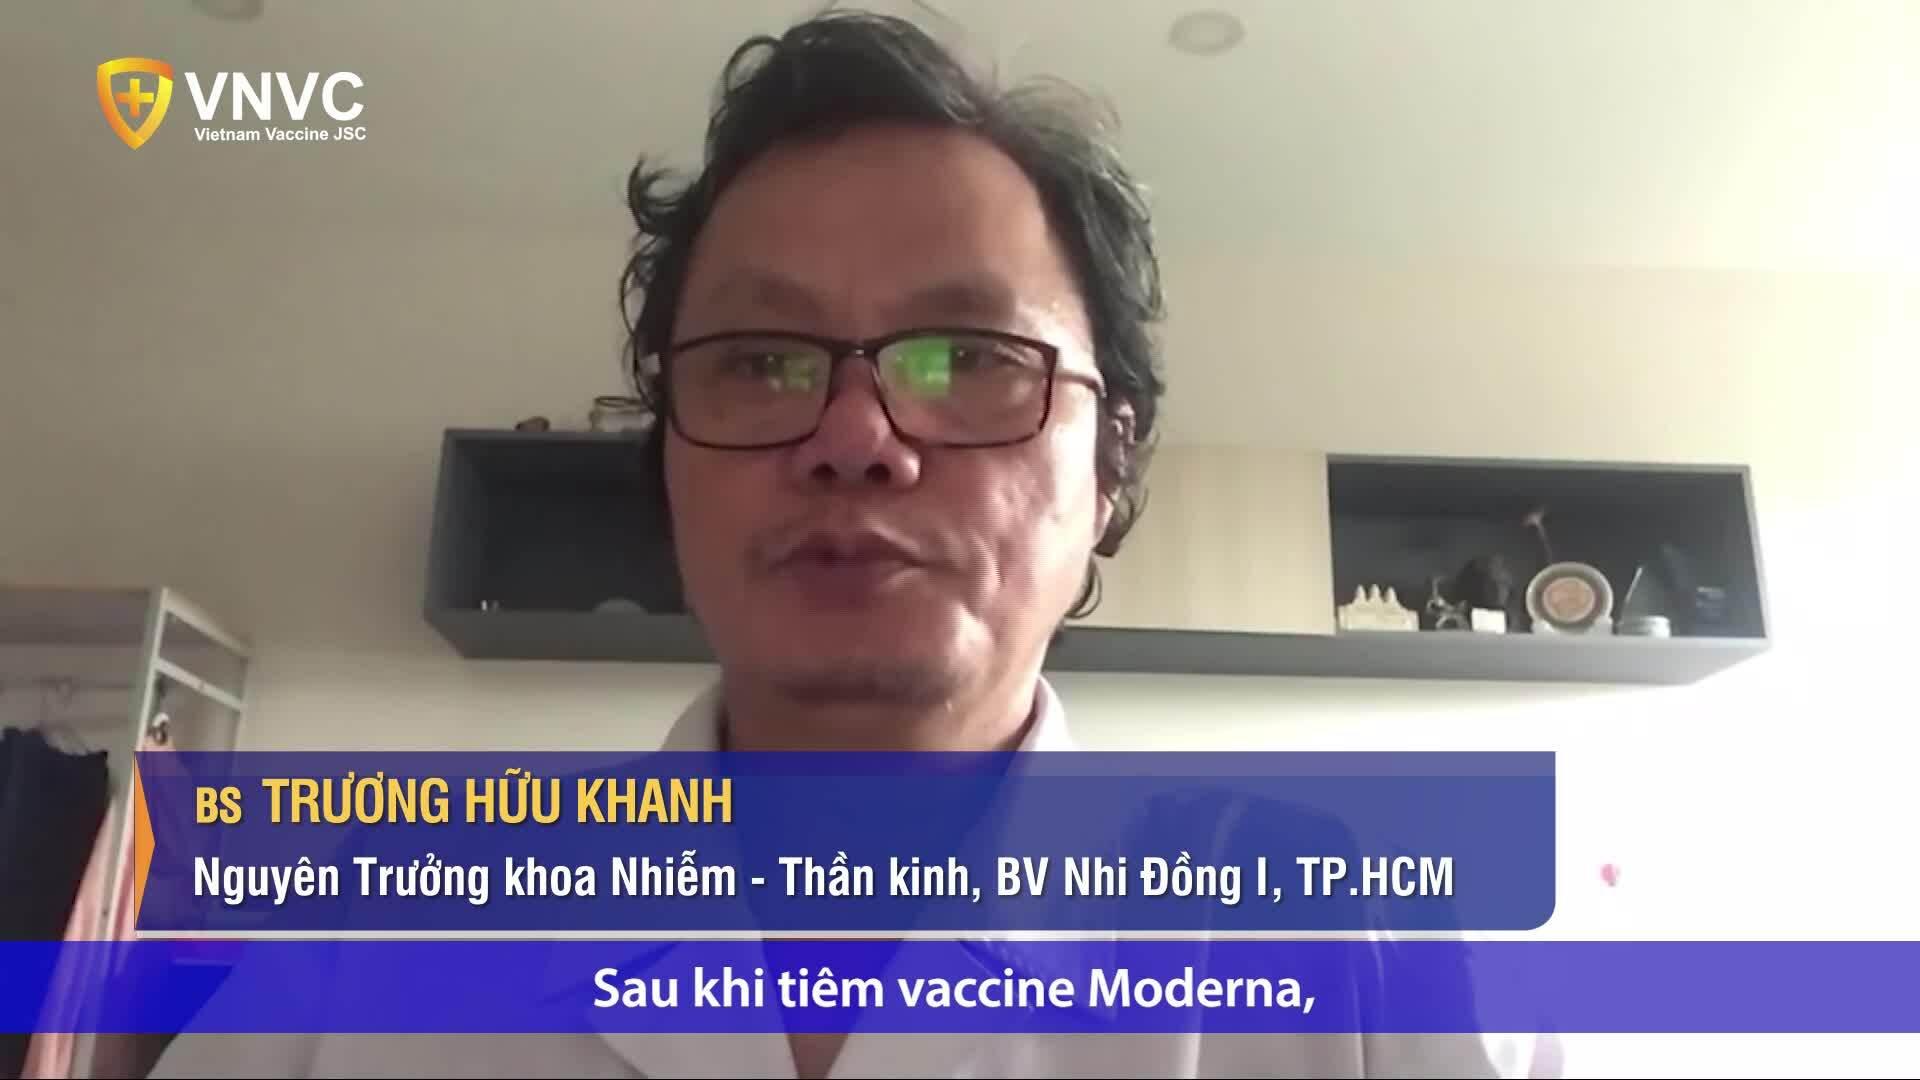 Người tiêm mũi 1 vaccine Moderna thì mũi 2 tiêm được vaccine nào?